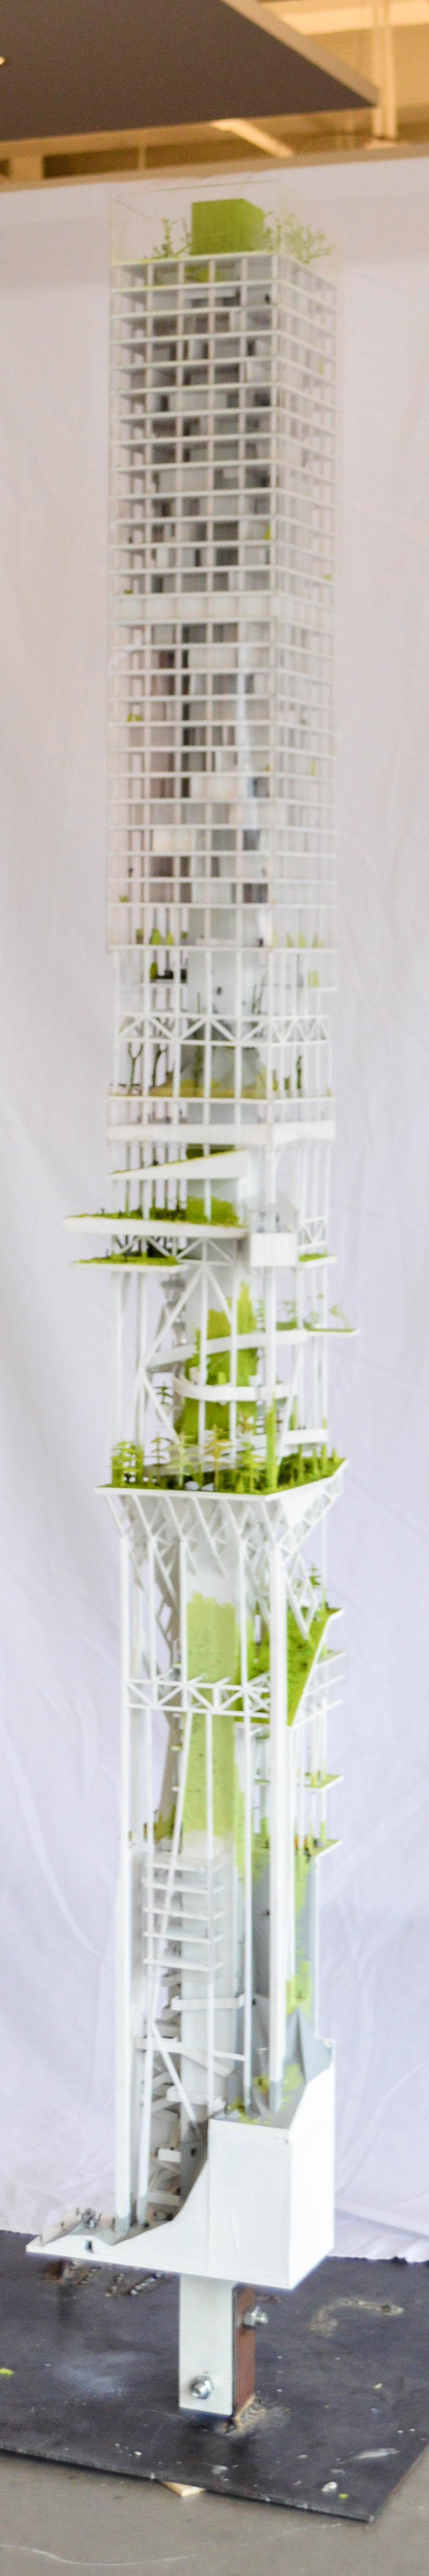 verticaltower-7.jpg